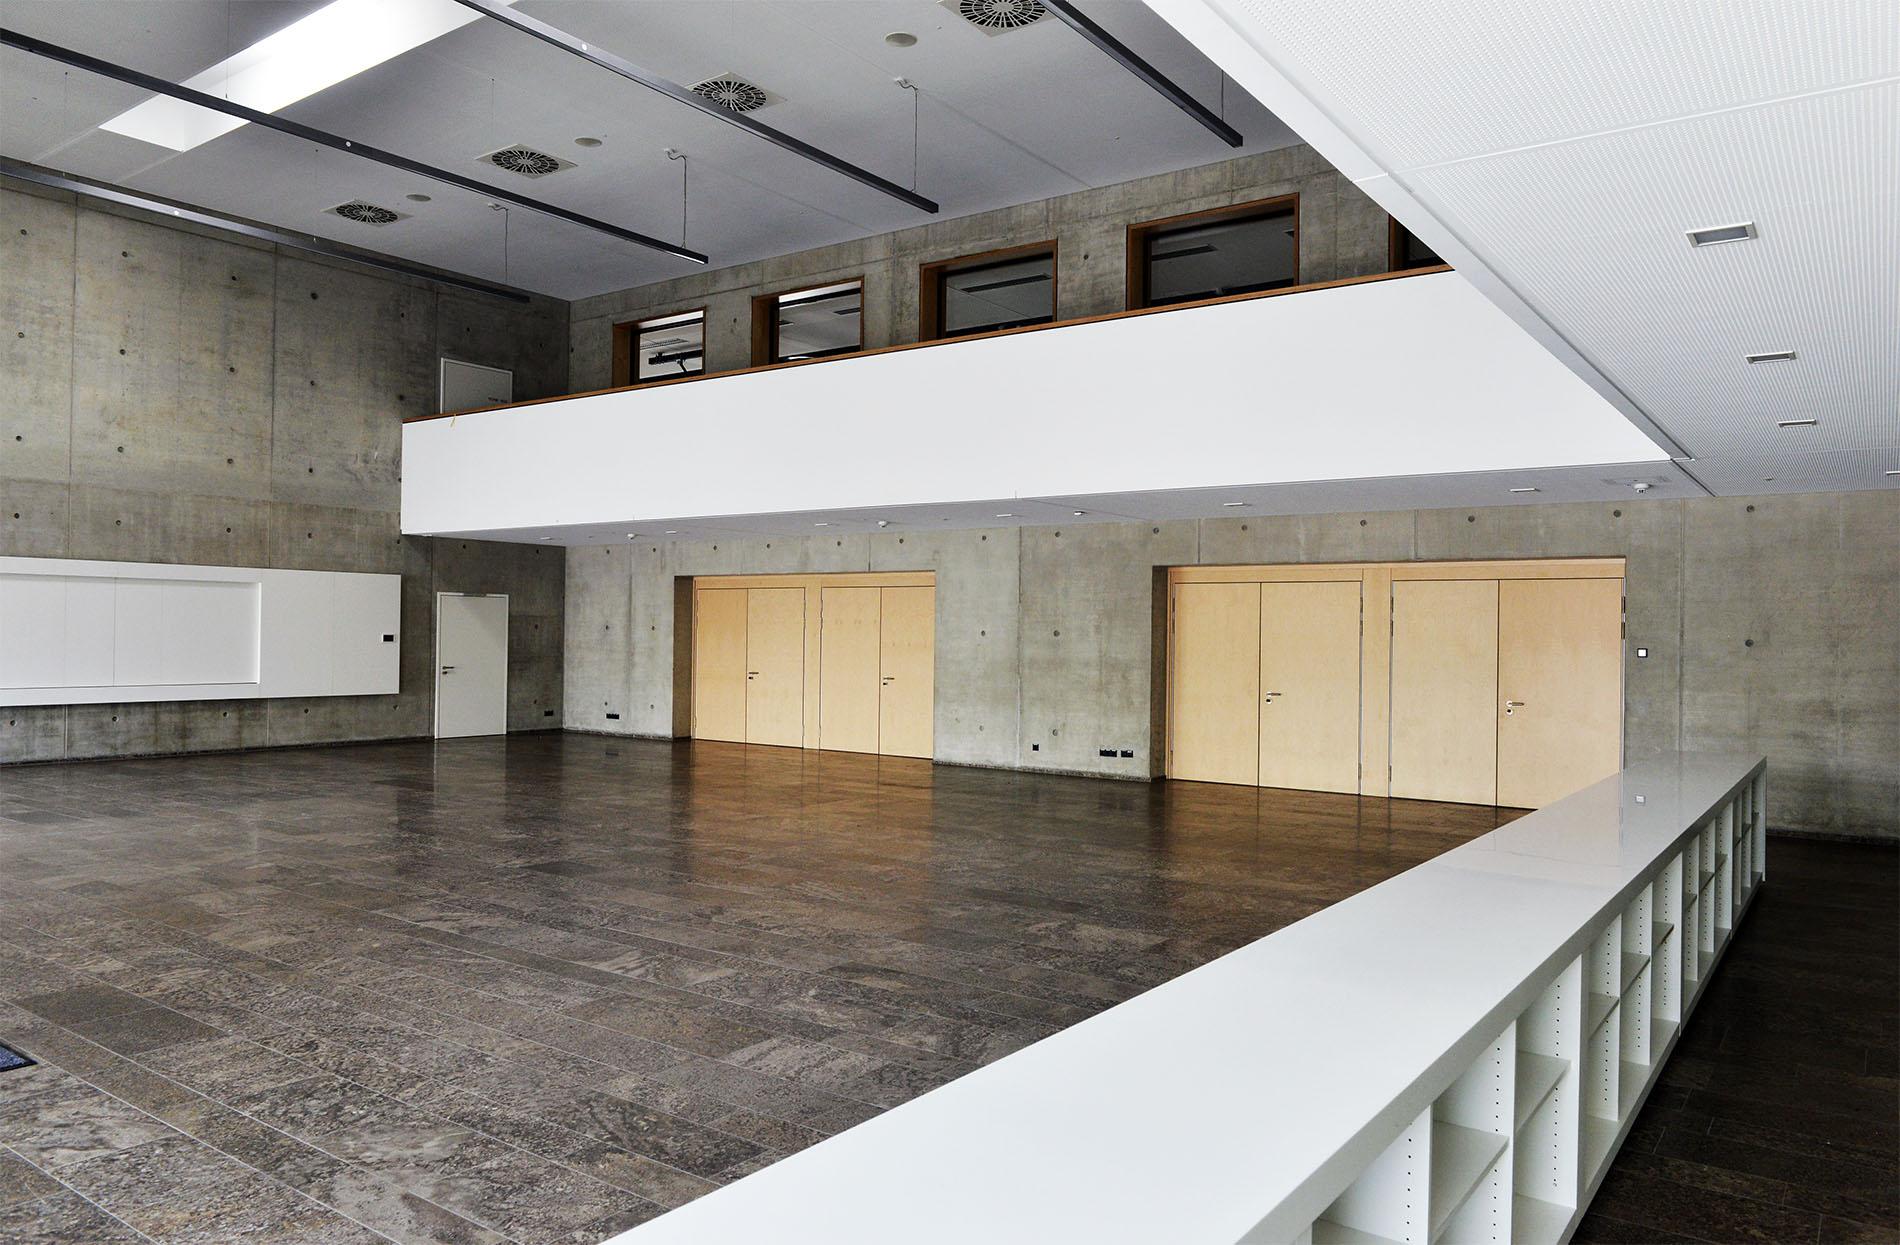 Mehrzweckhalle (Turnhalle) Weißenhorn Bodenplatten Sockelleisten Kohlplatter Muschelkalk gespachtelt und geschliffen